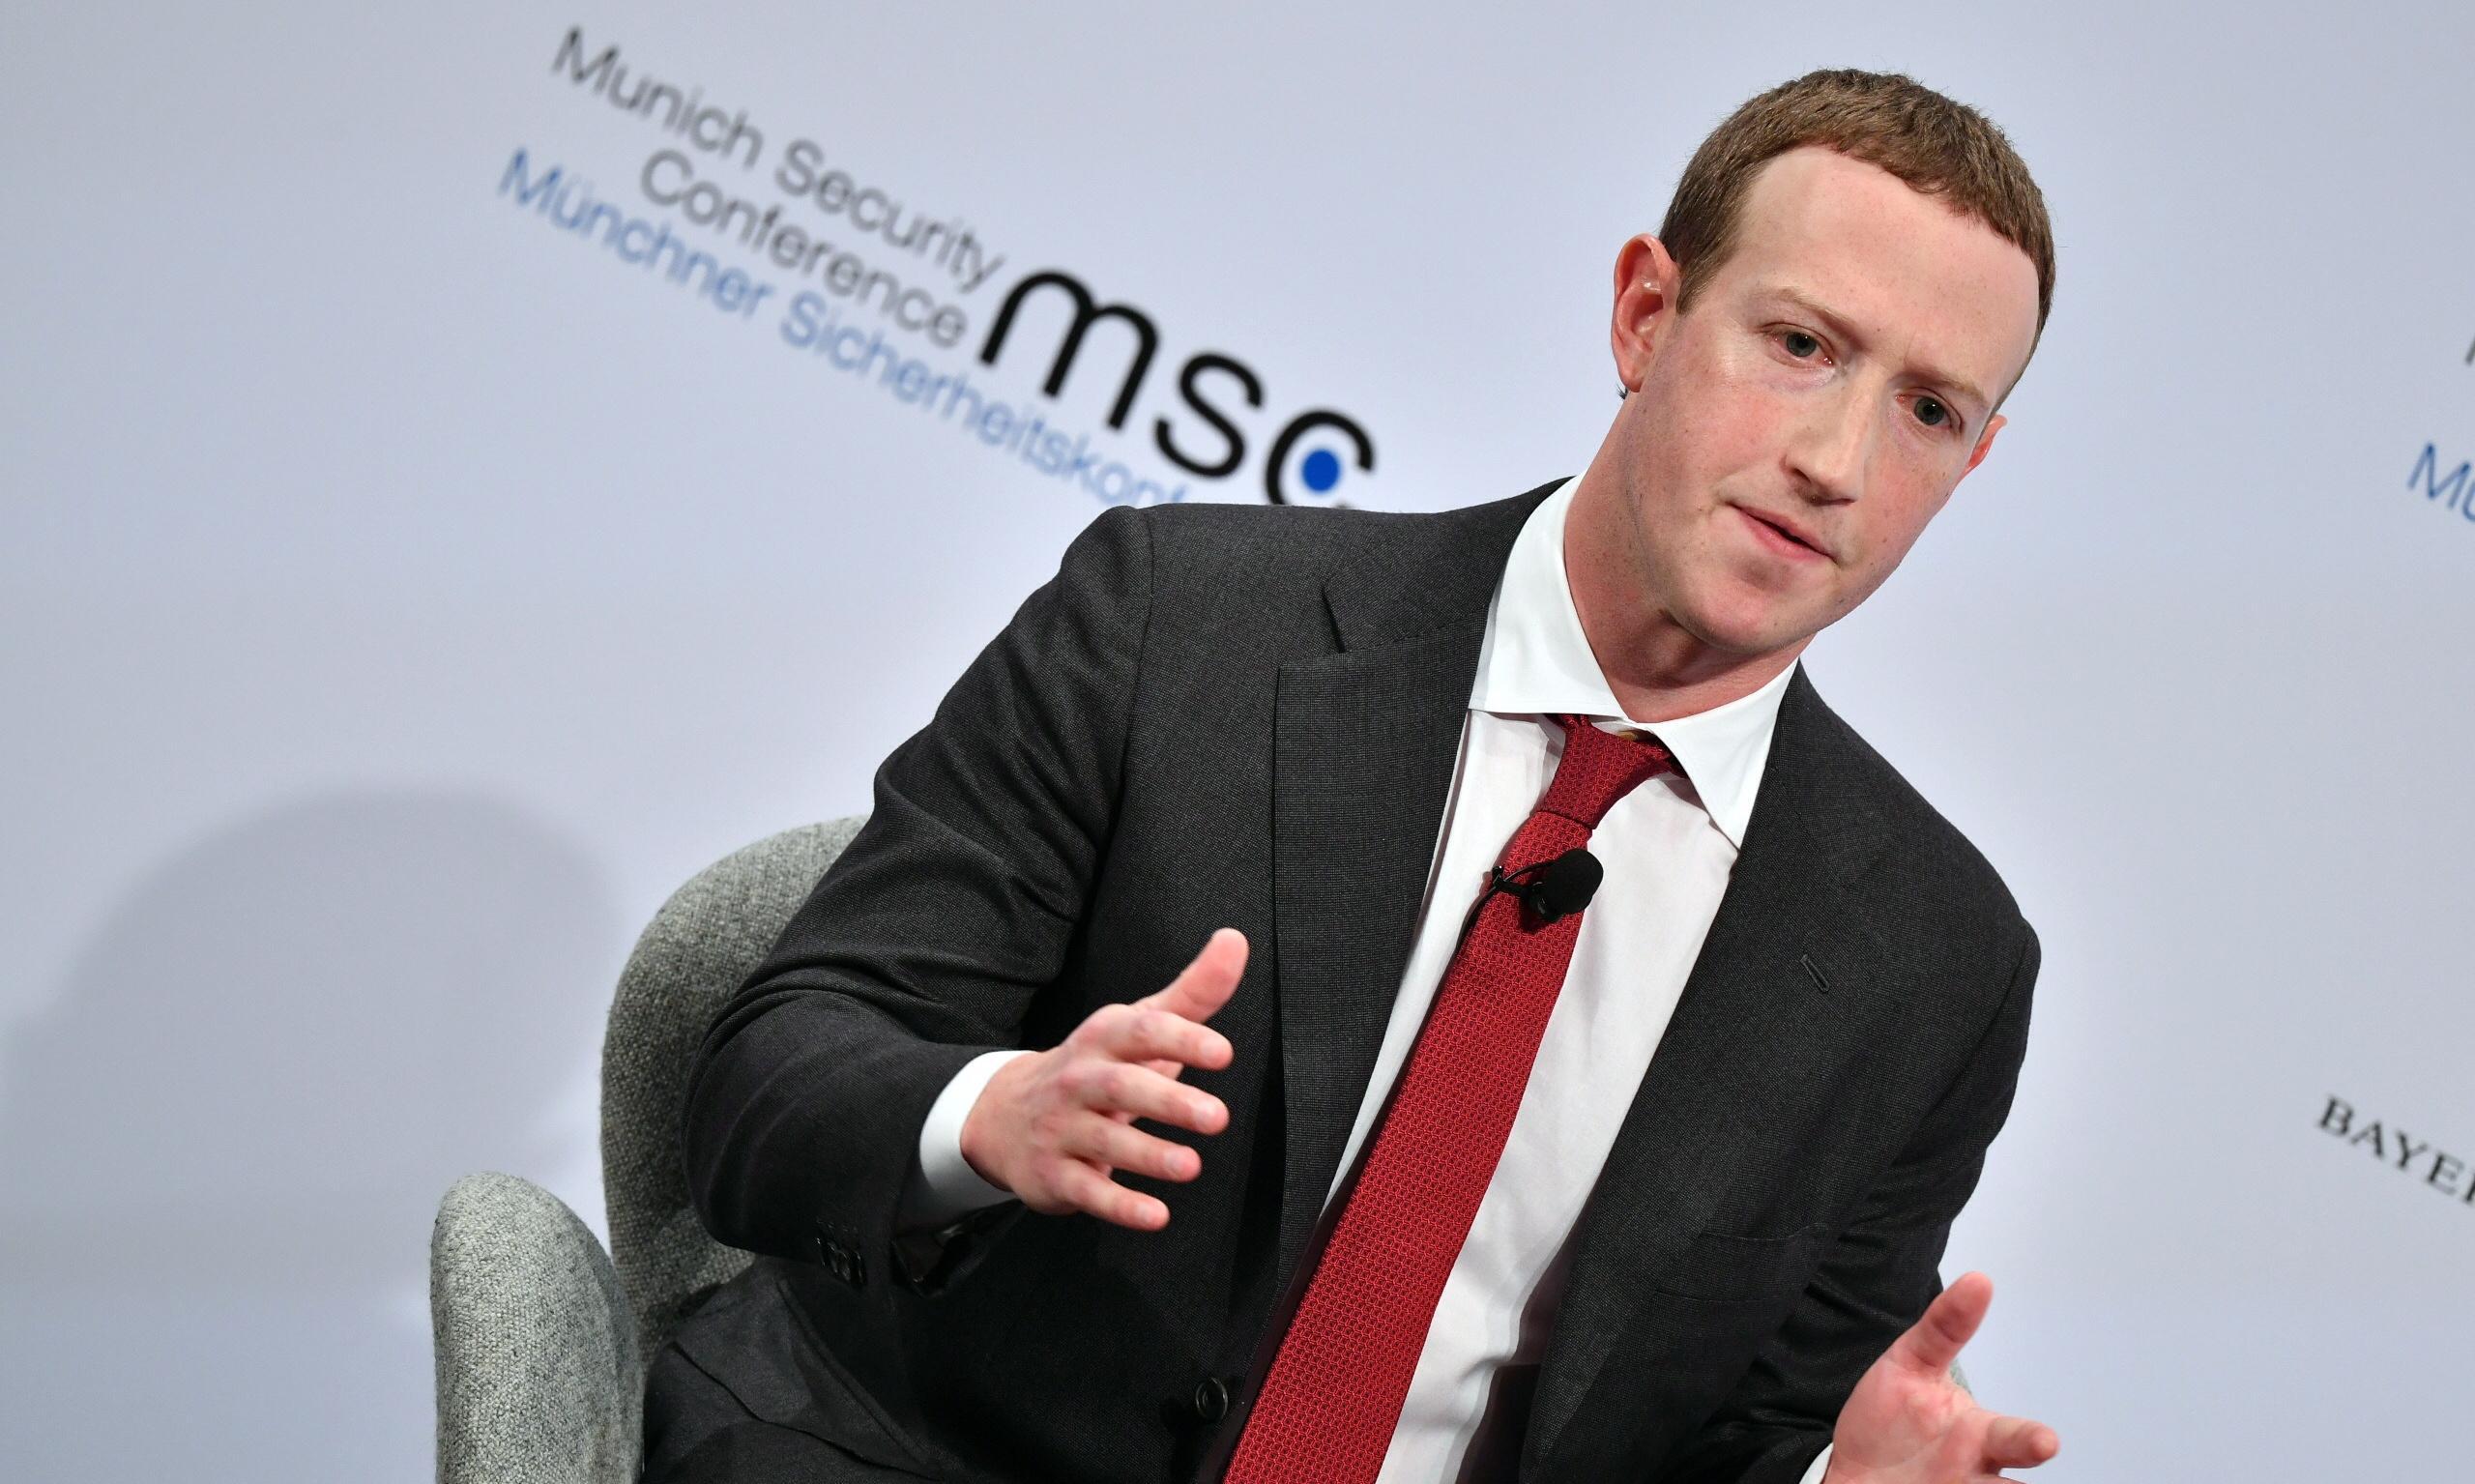 Mark Zuckerberg: Facebook must accept some state regulation